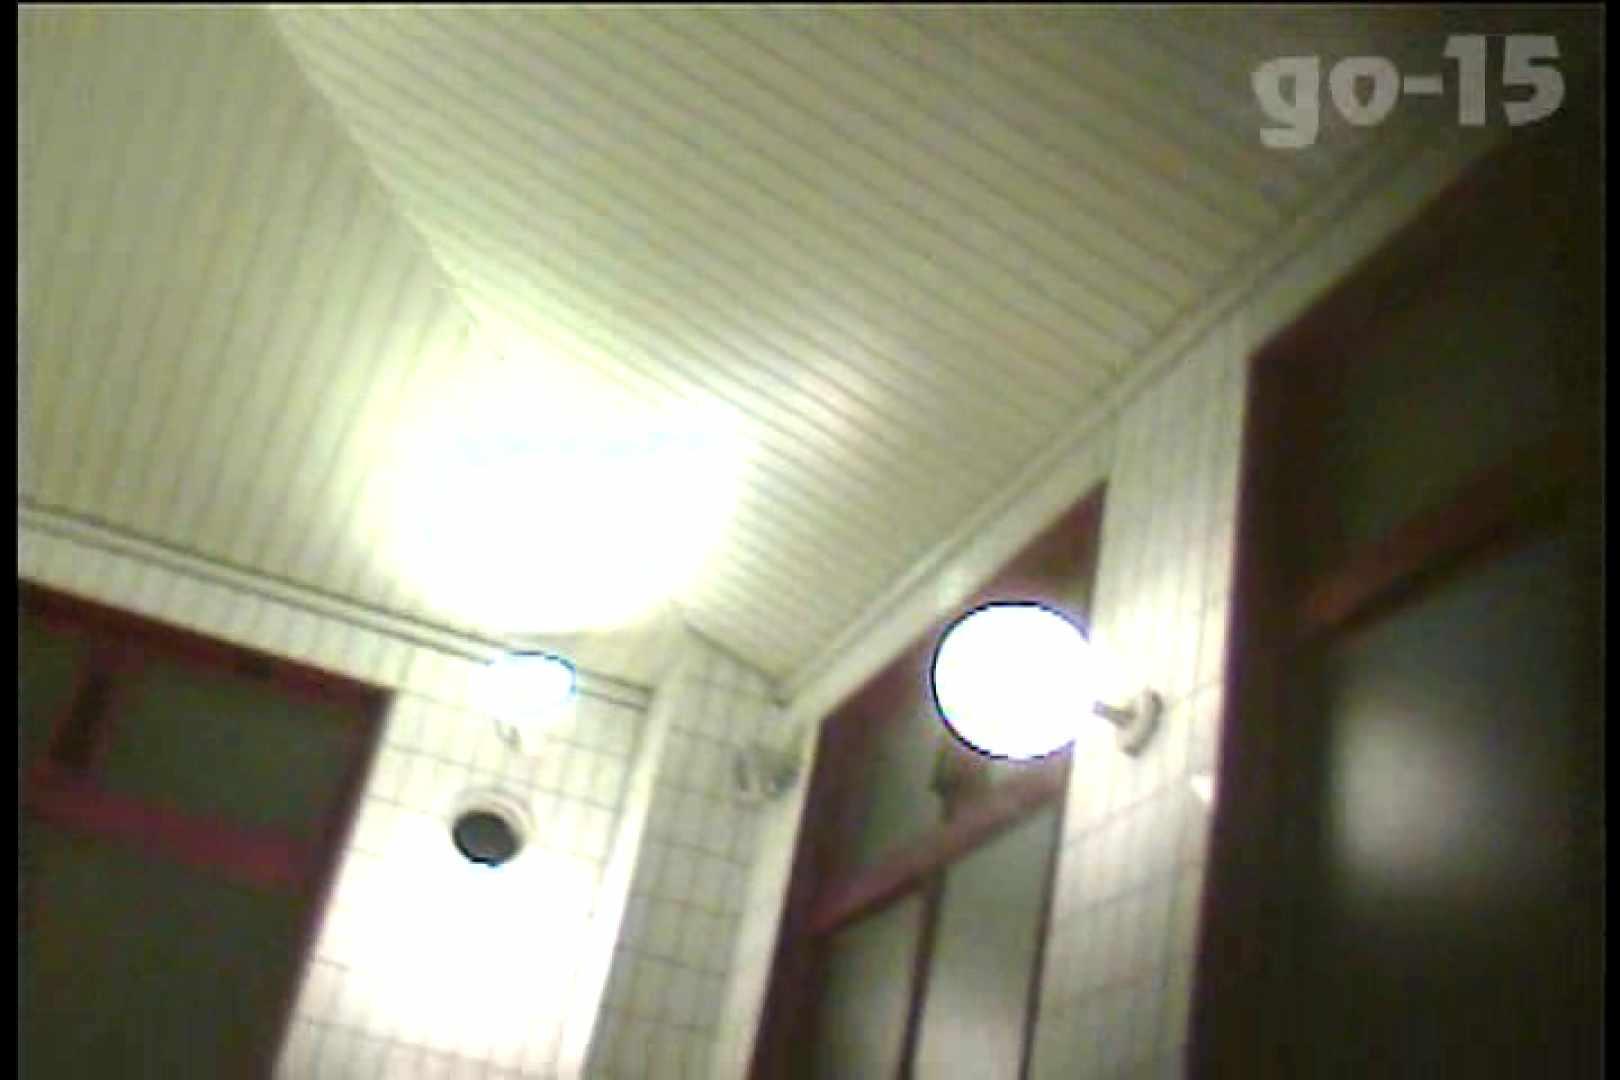 電波カメラ設置浴場からの防HAN映像 Vol.15 ギャル達 ヌード画像 108枚 56